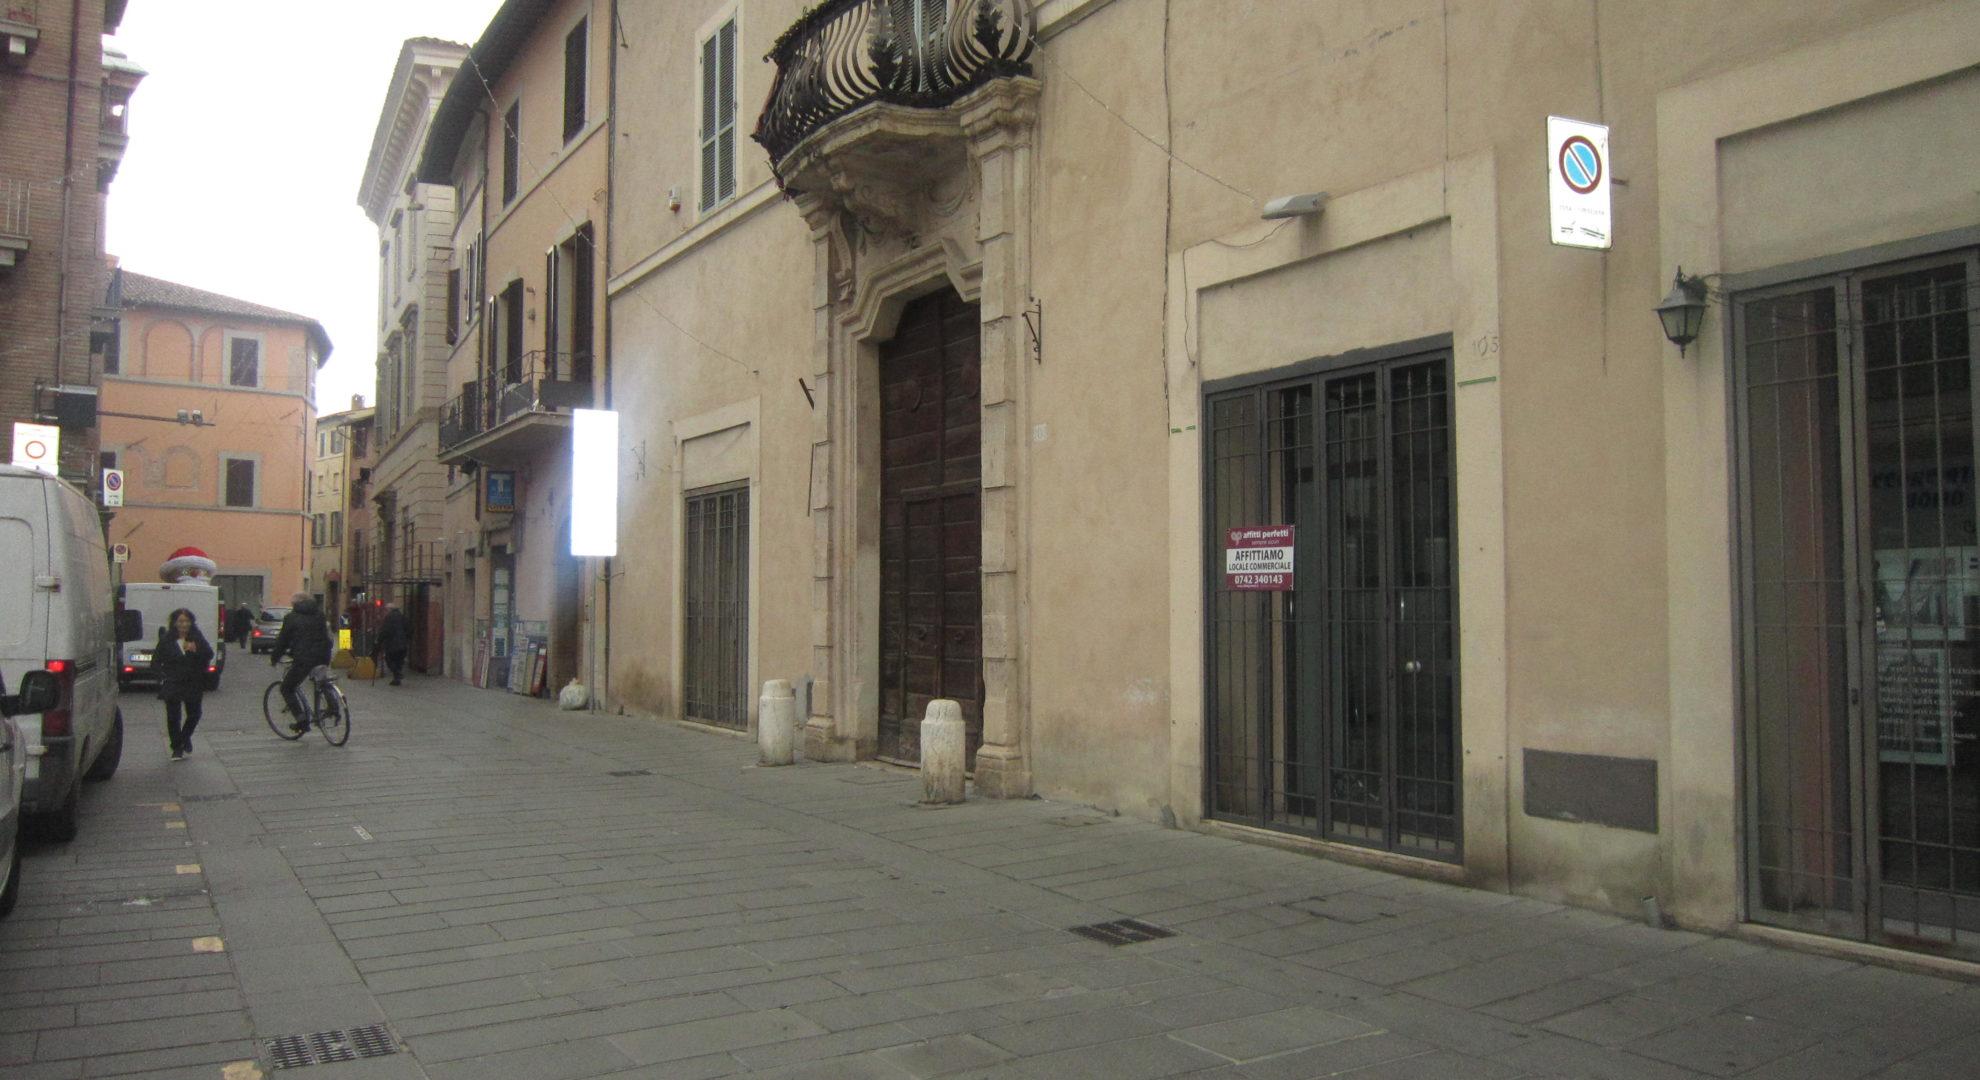 Locale commerciale 50 mq centro storico